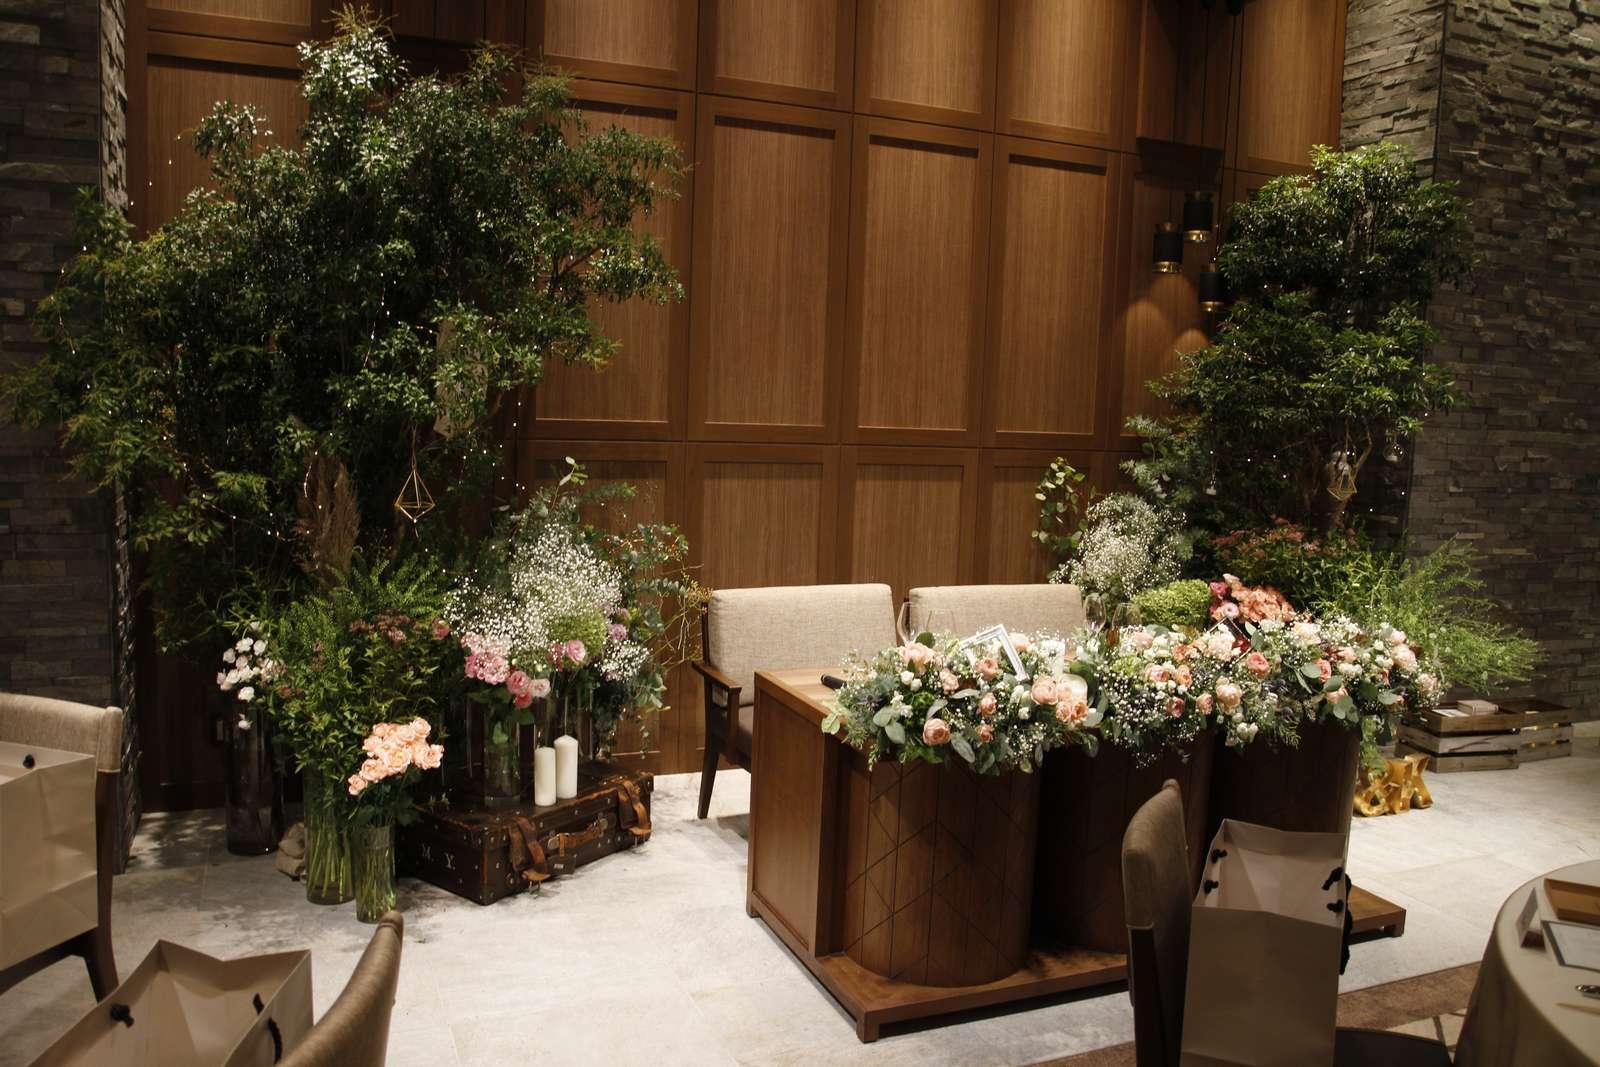 香川県高松市の結婚式場アナザースタイルのメインテーブル装飾